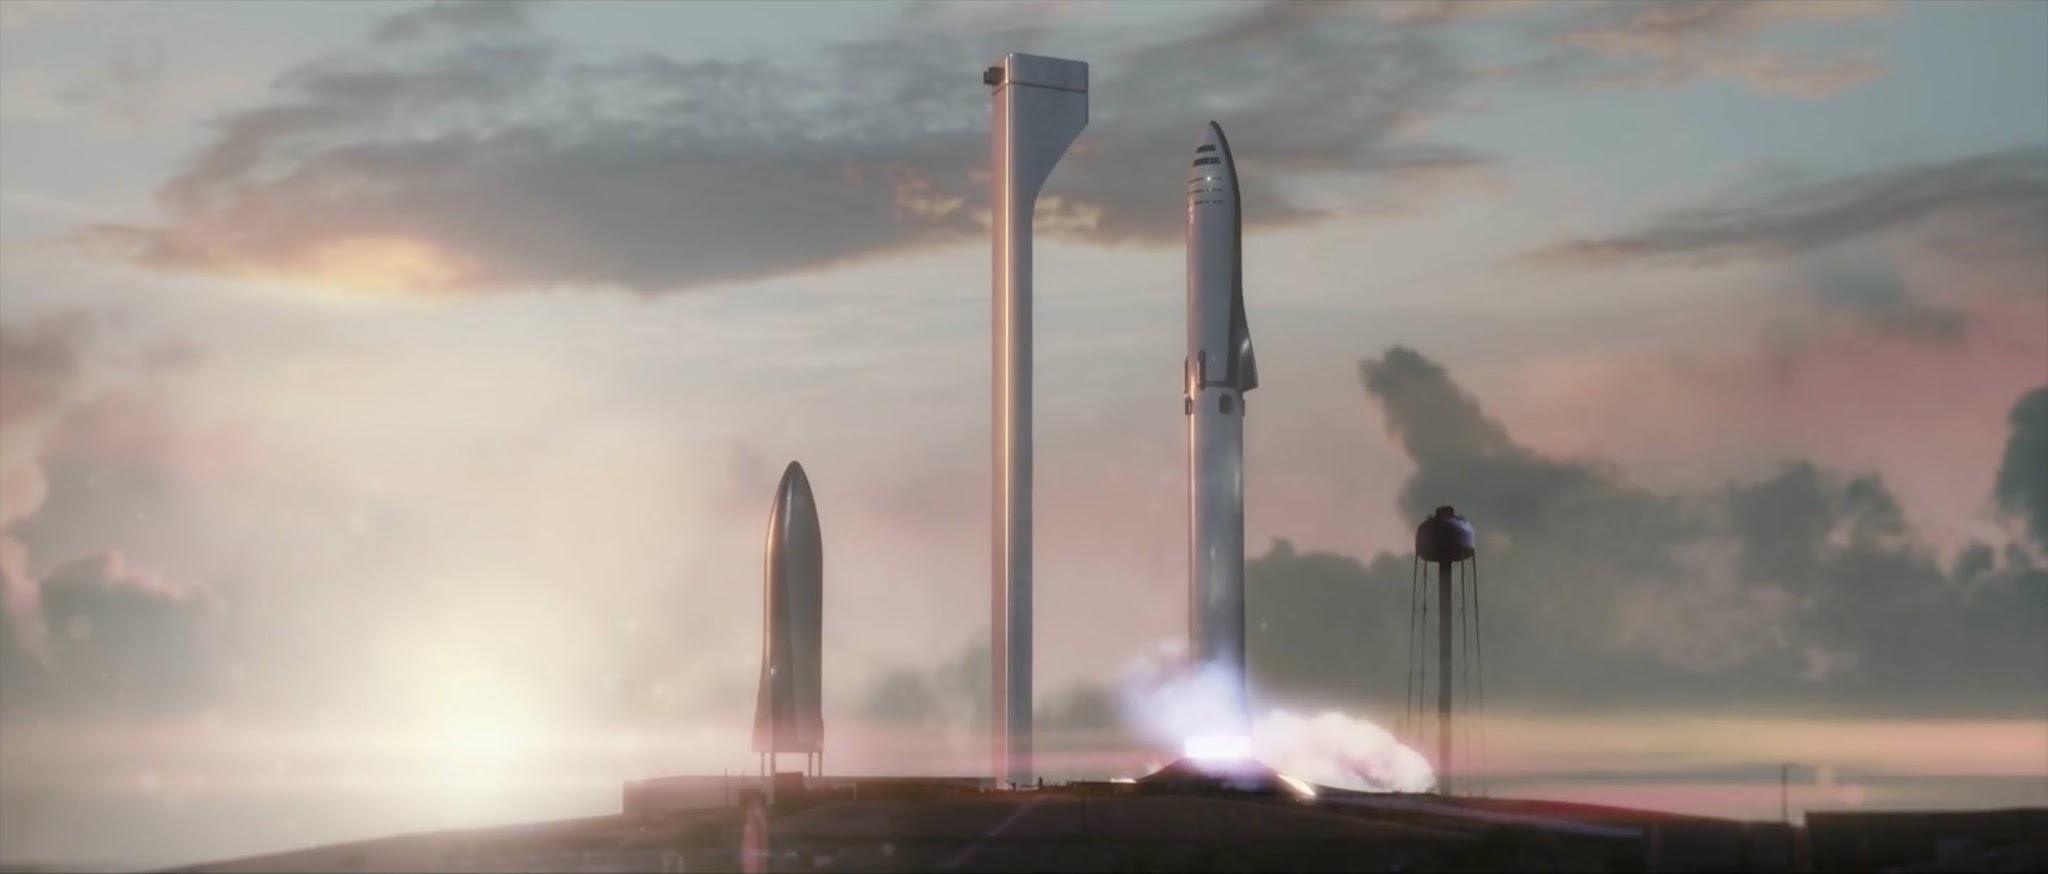 SpaceX's Big Falcon Rocket launching from earth - yusaku Maezawa ZOZOTOWN CEO